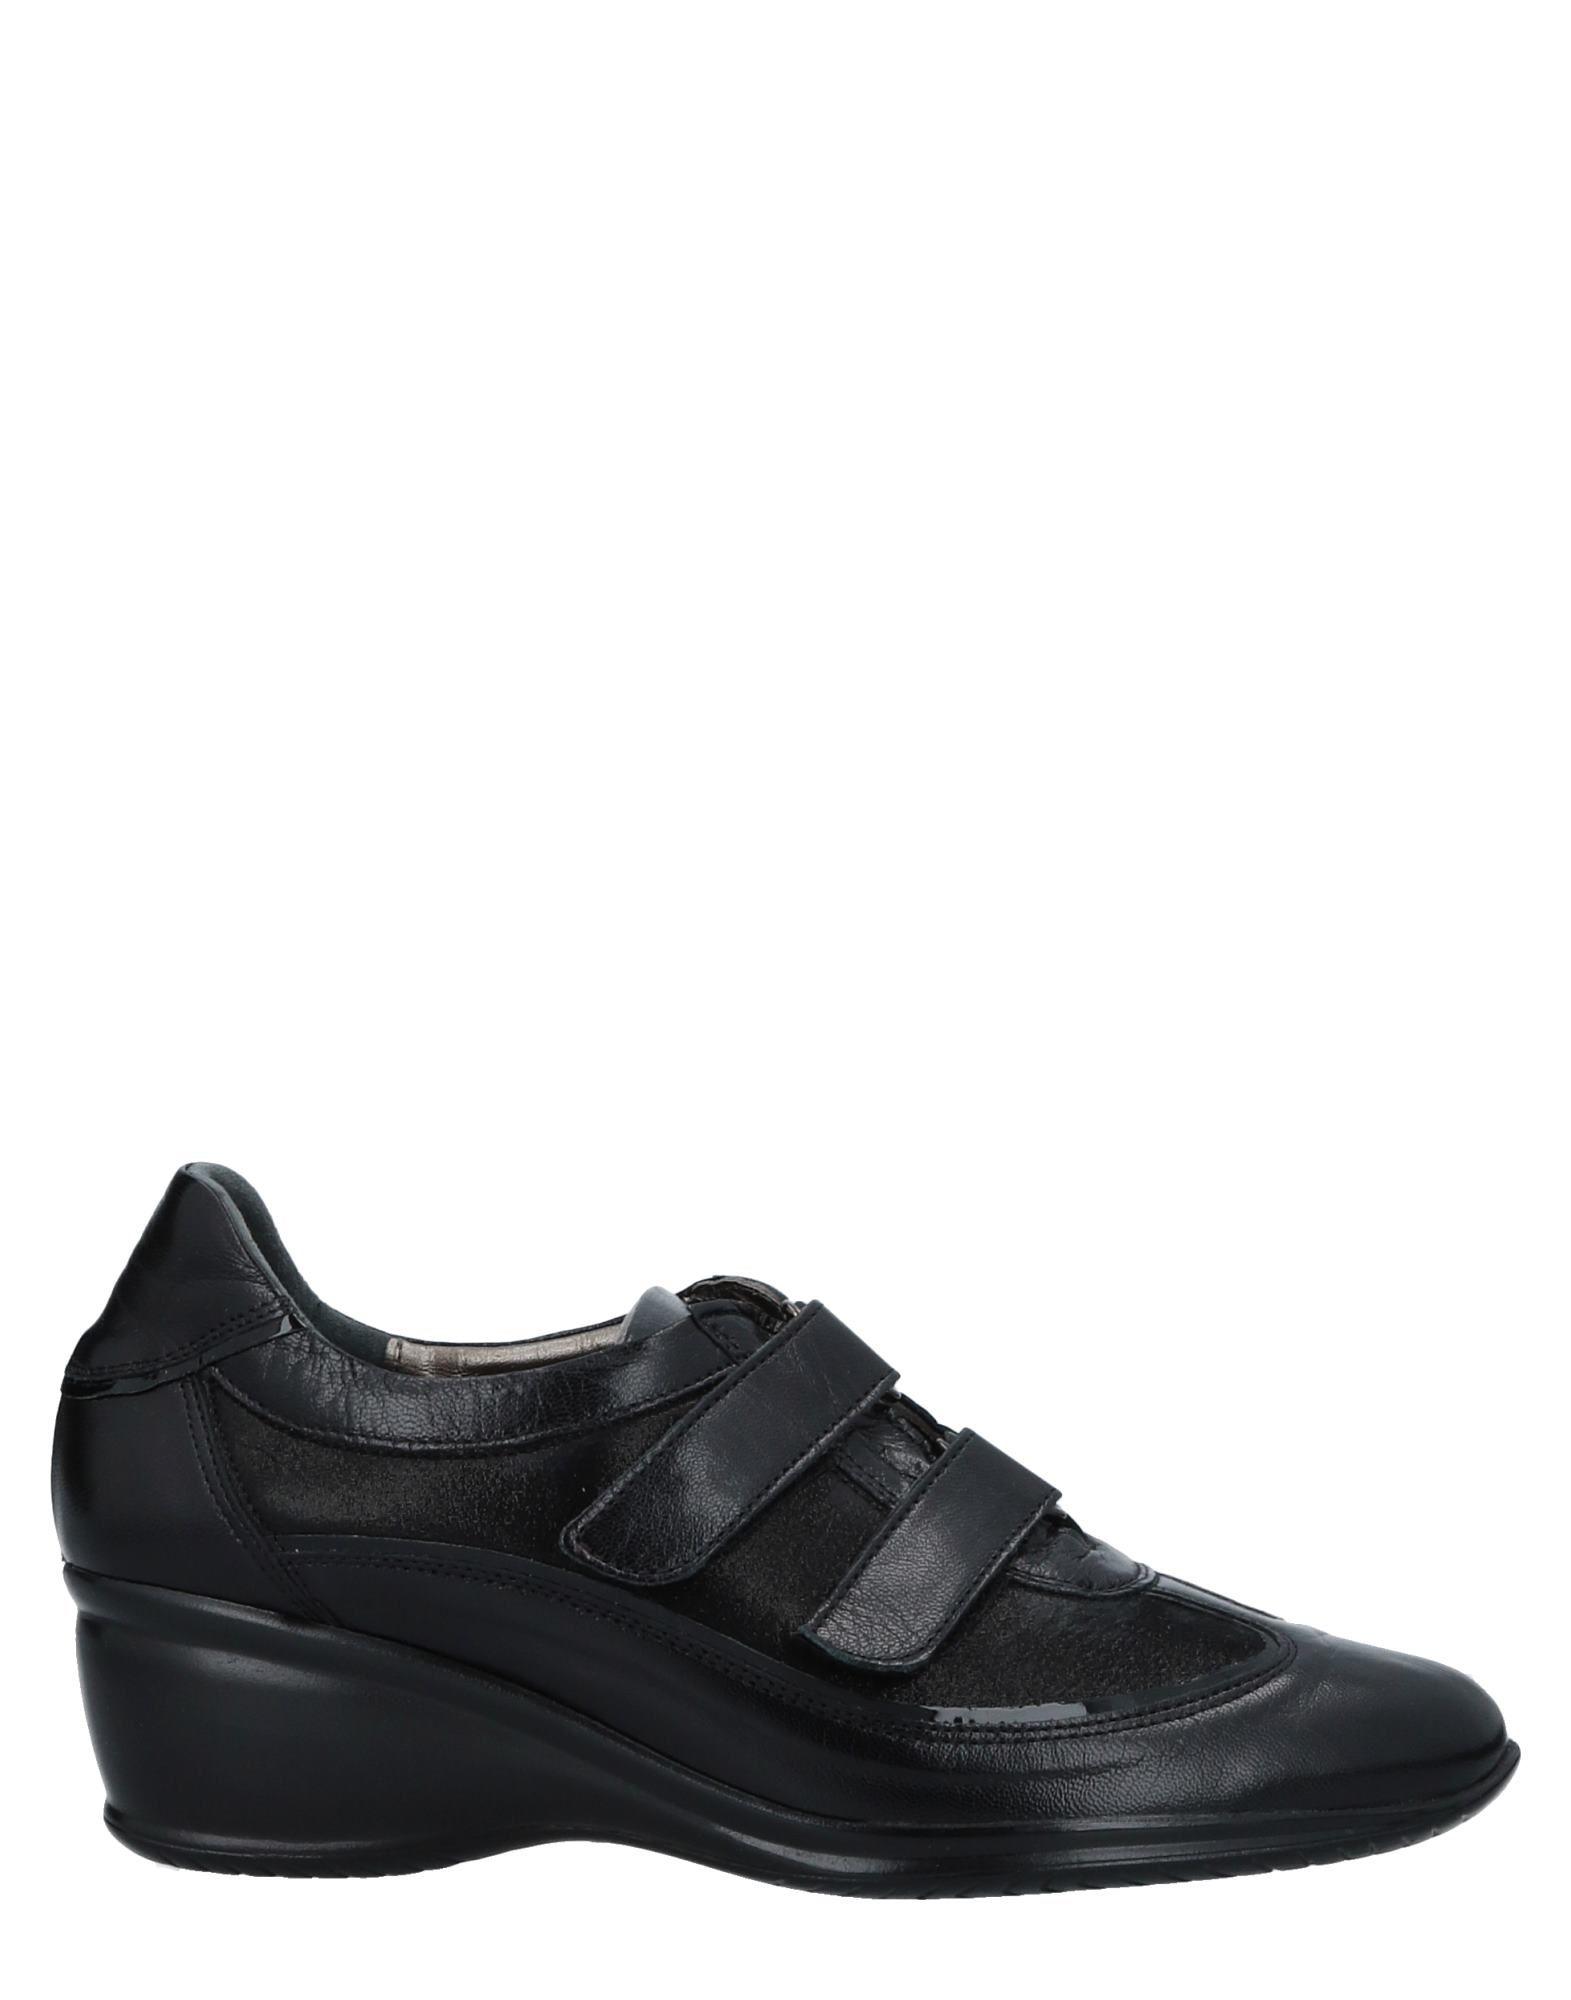 A buon mercato Sneakers Romagnoli Donna - 11514178IR